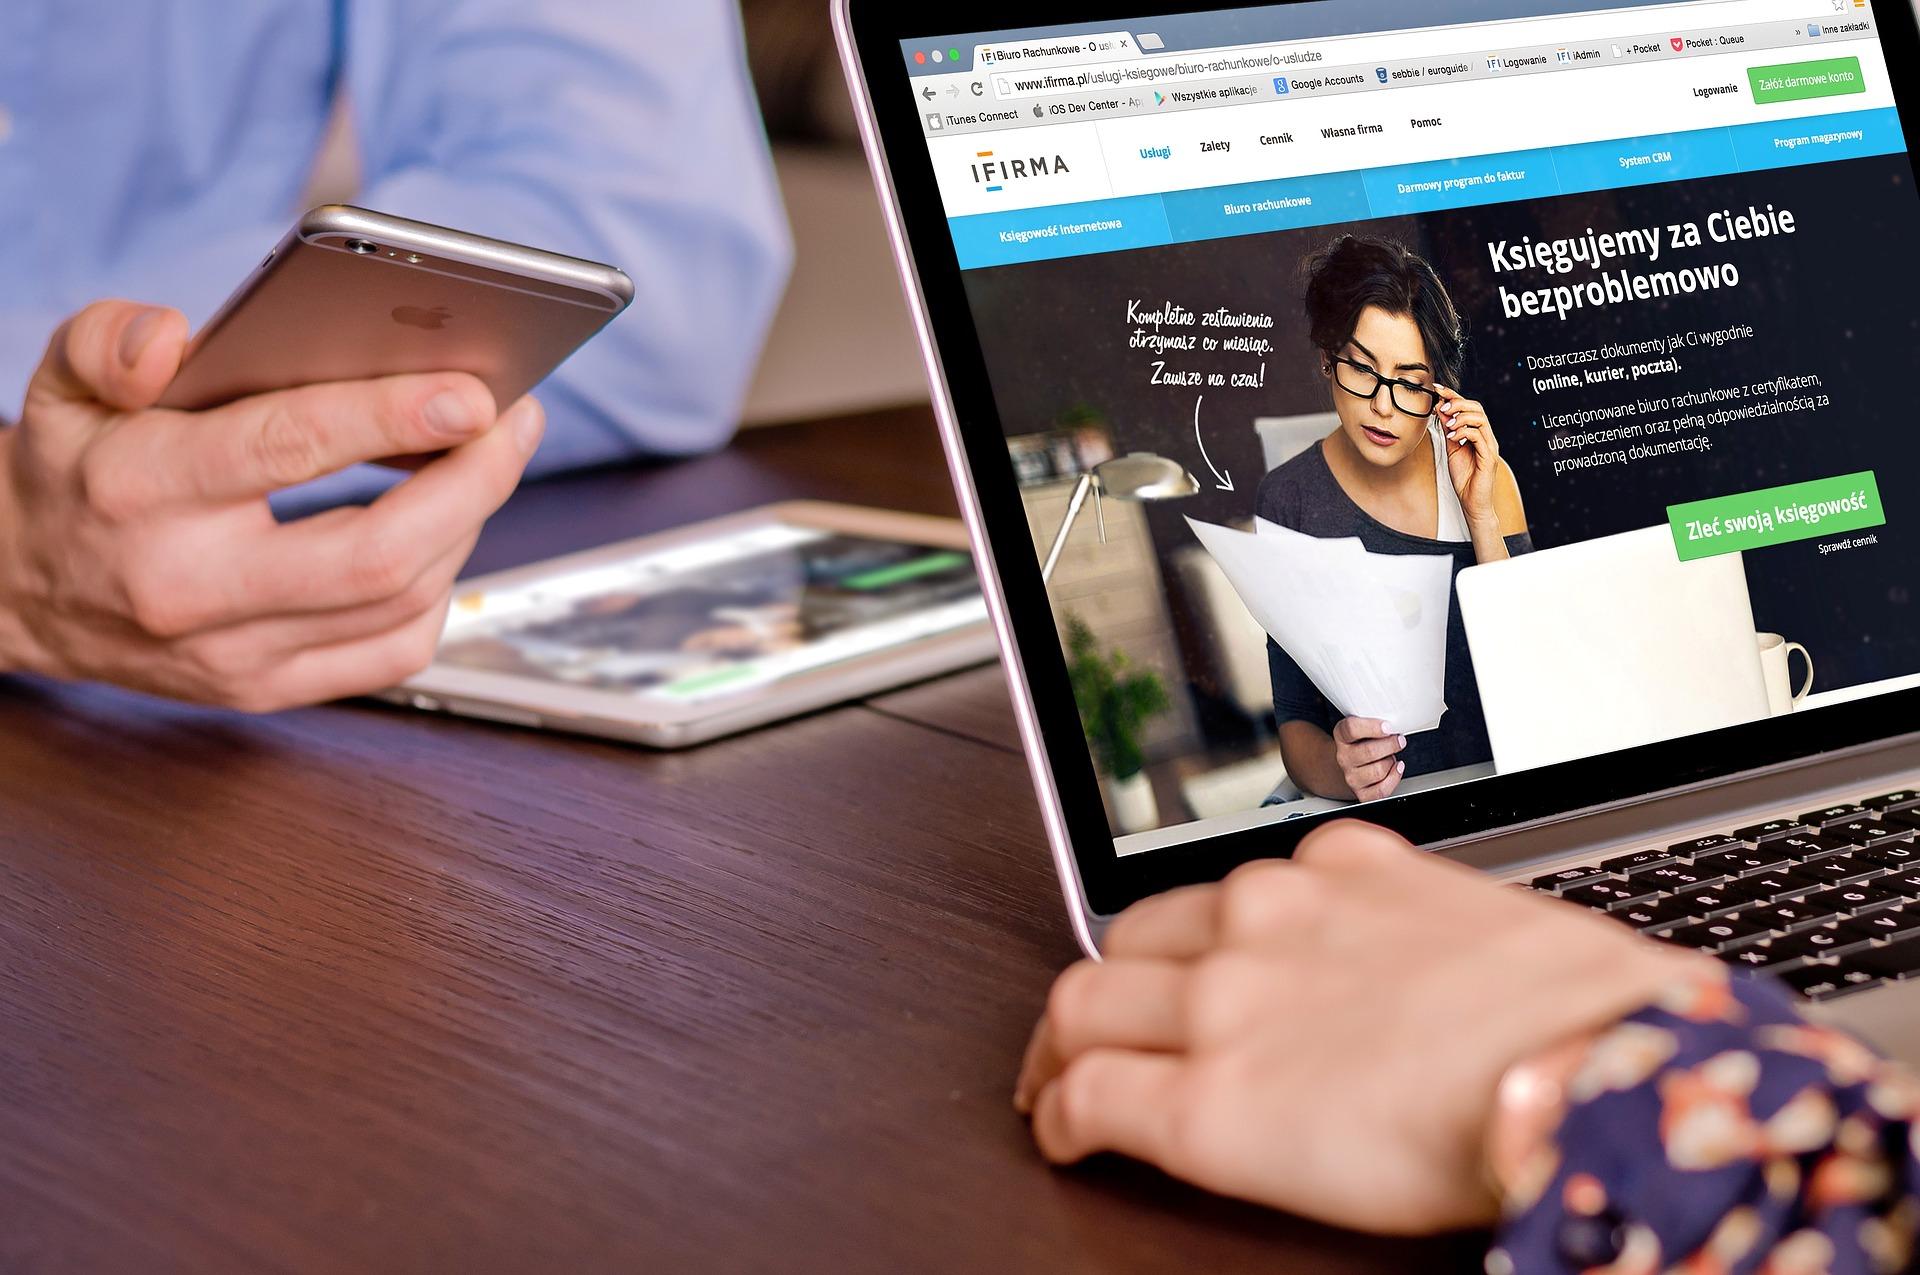 Un homme et une femme qui tiennent dans leurs mains un ordinateur portable, une tablette et un téléphone portable